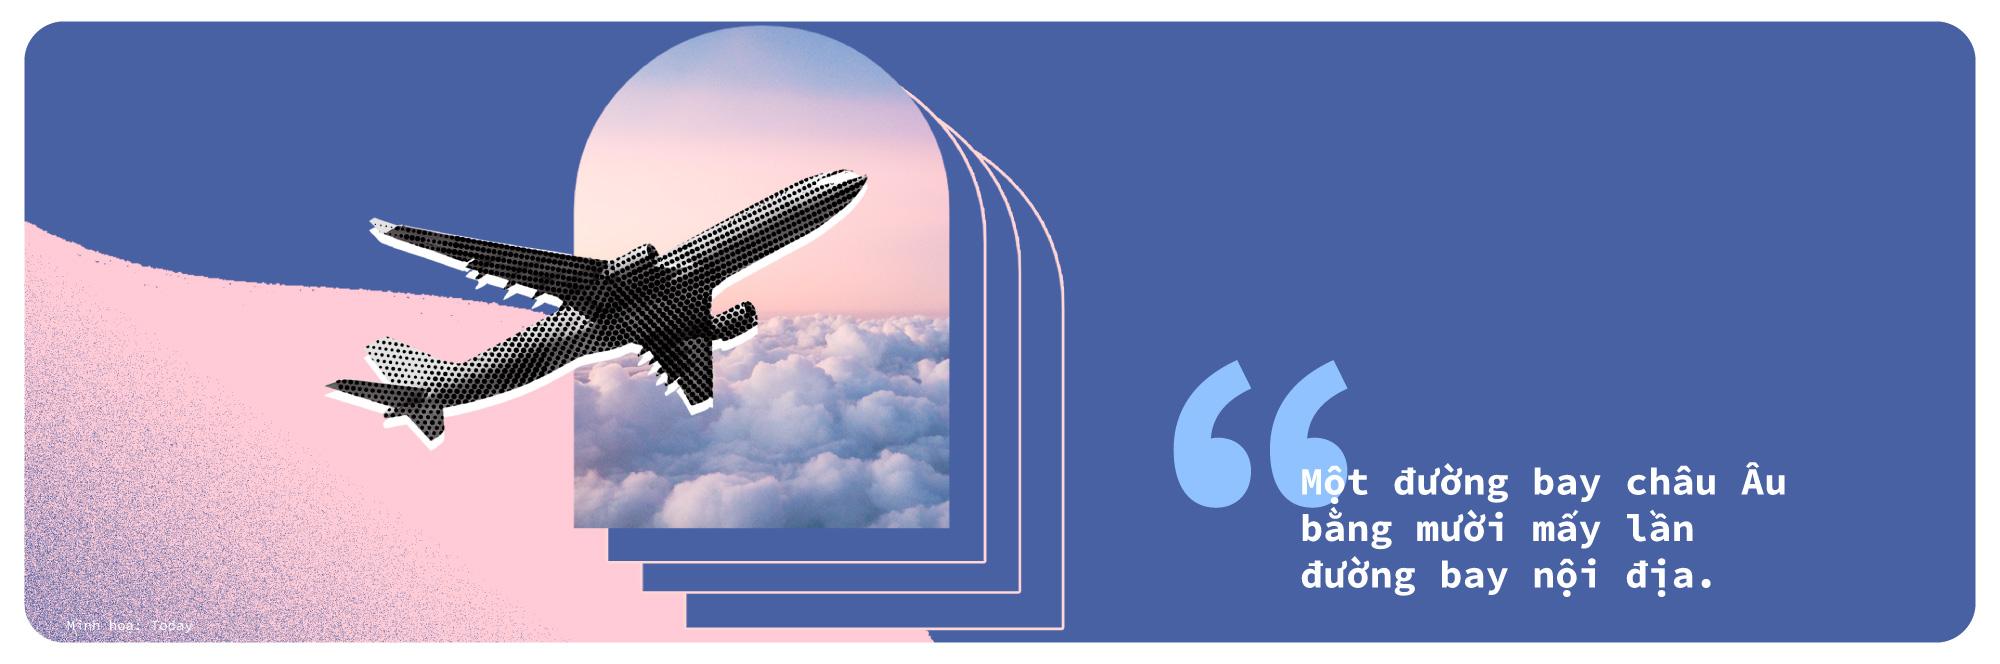 Hàng không Việt một năm 'bay trong bão' - Ảnh 9